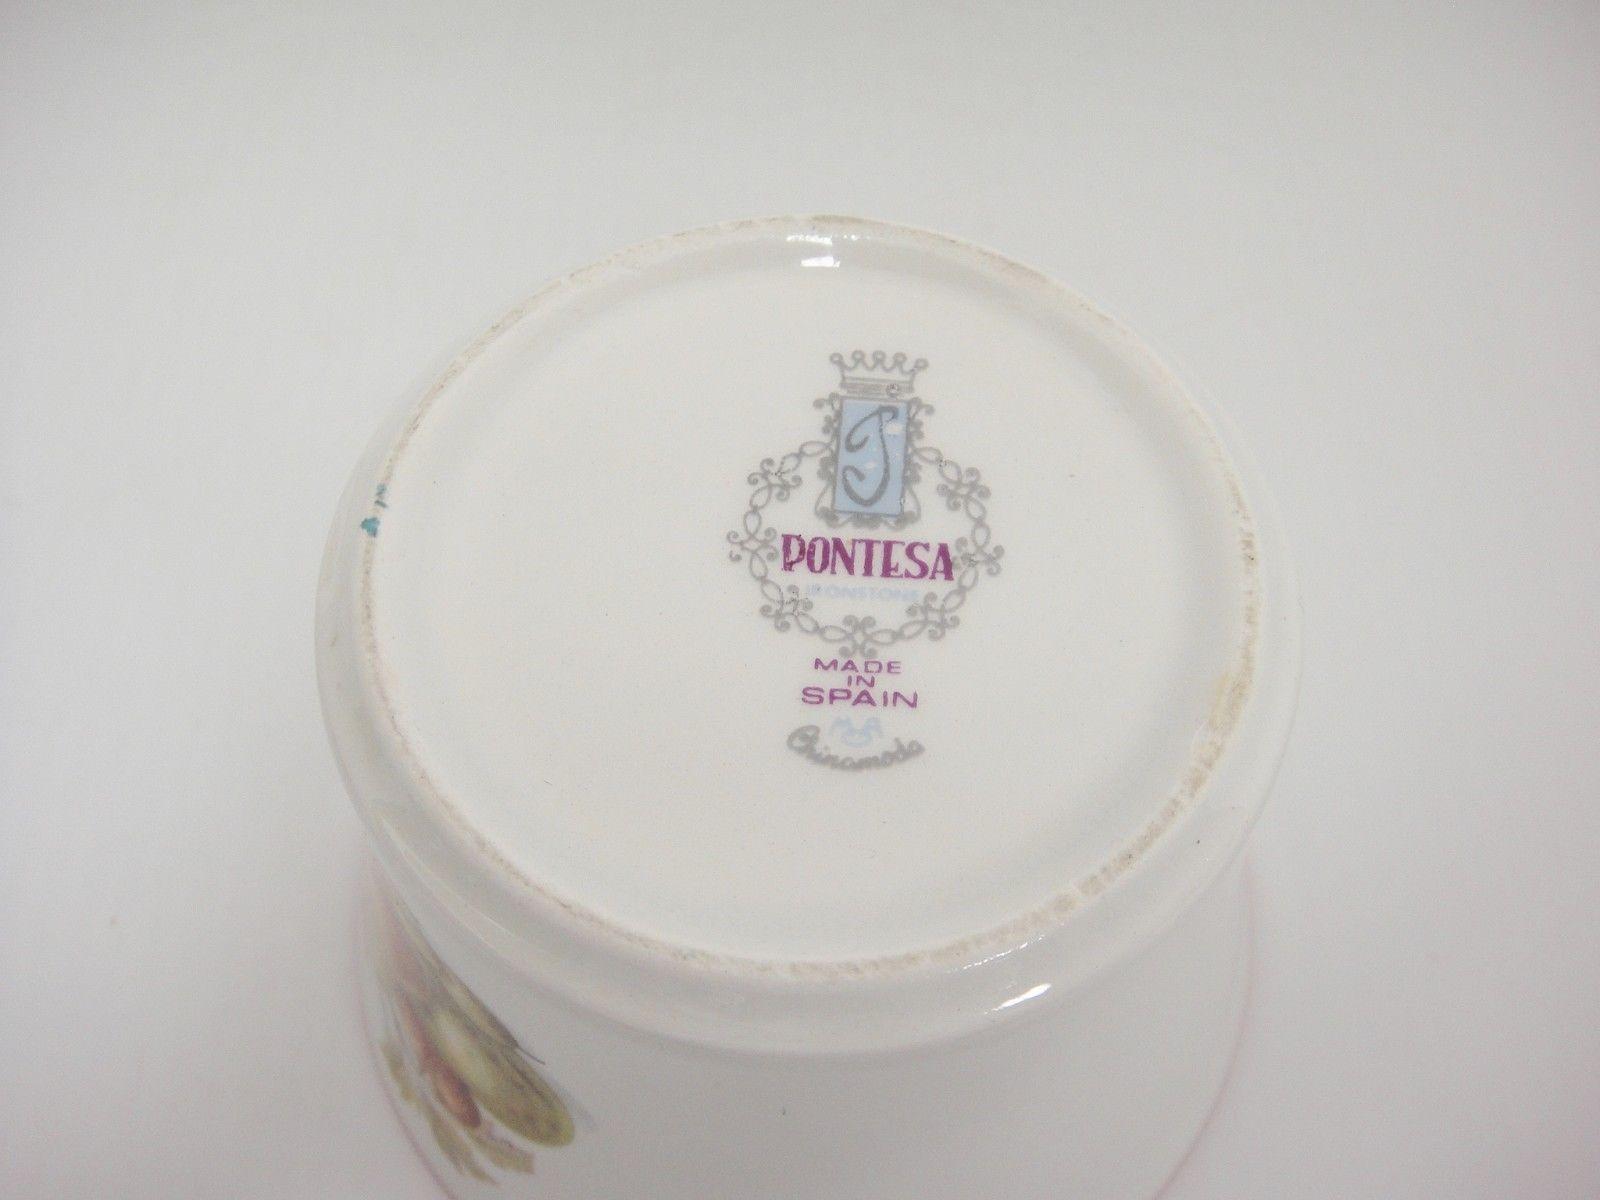 Pontesa Spain Four Cup Coffee Set Pot Sugar and Creamer Fruit Design Red Trim image 10